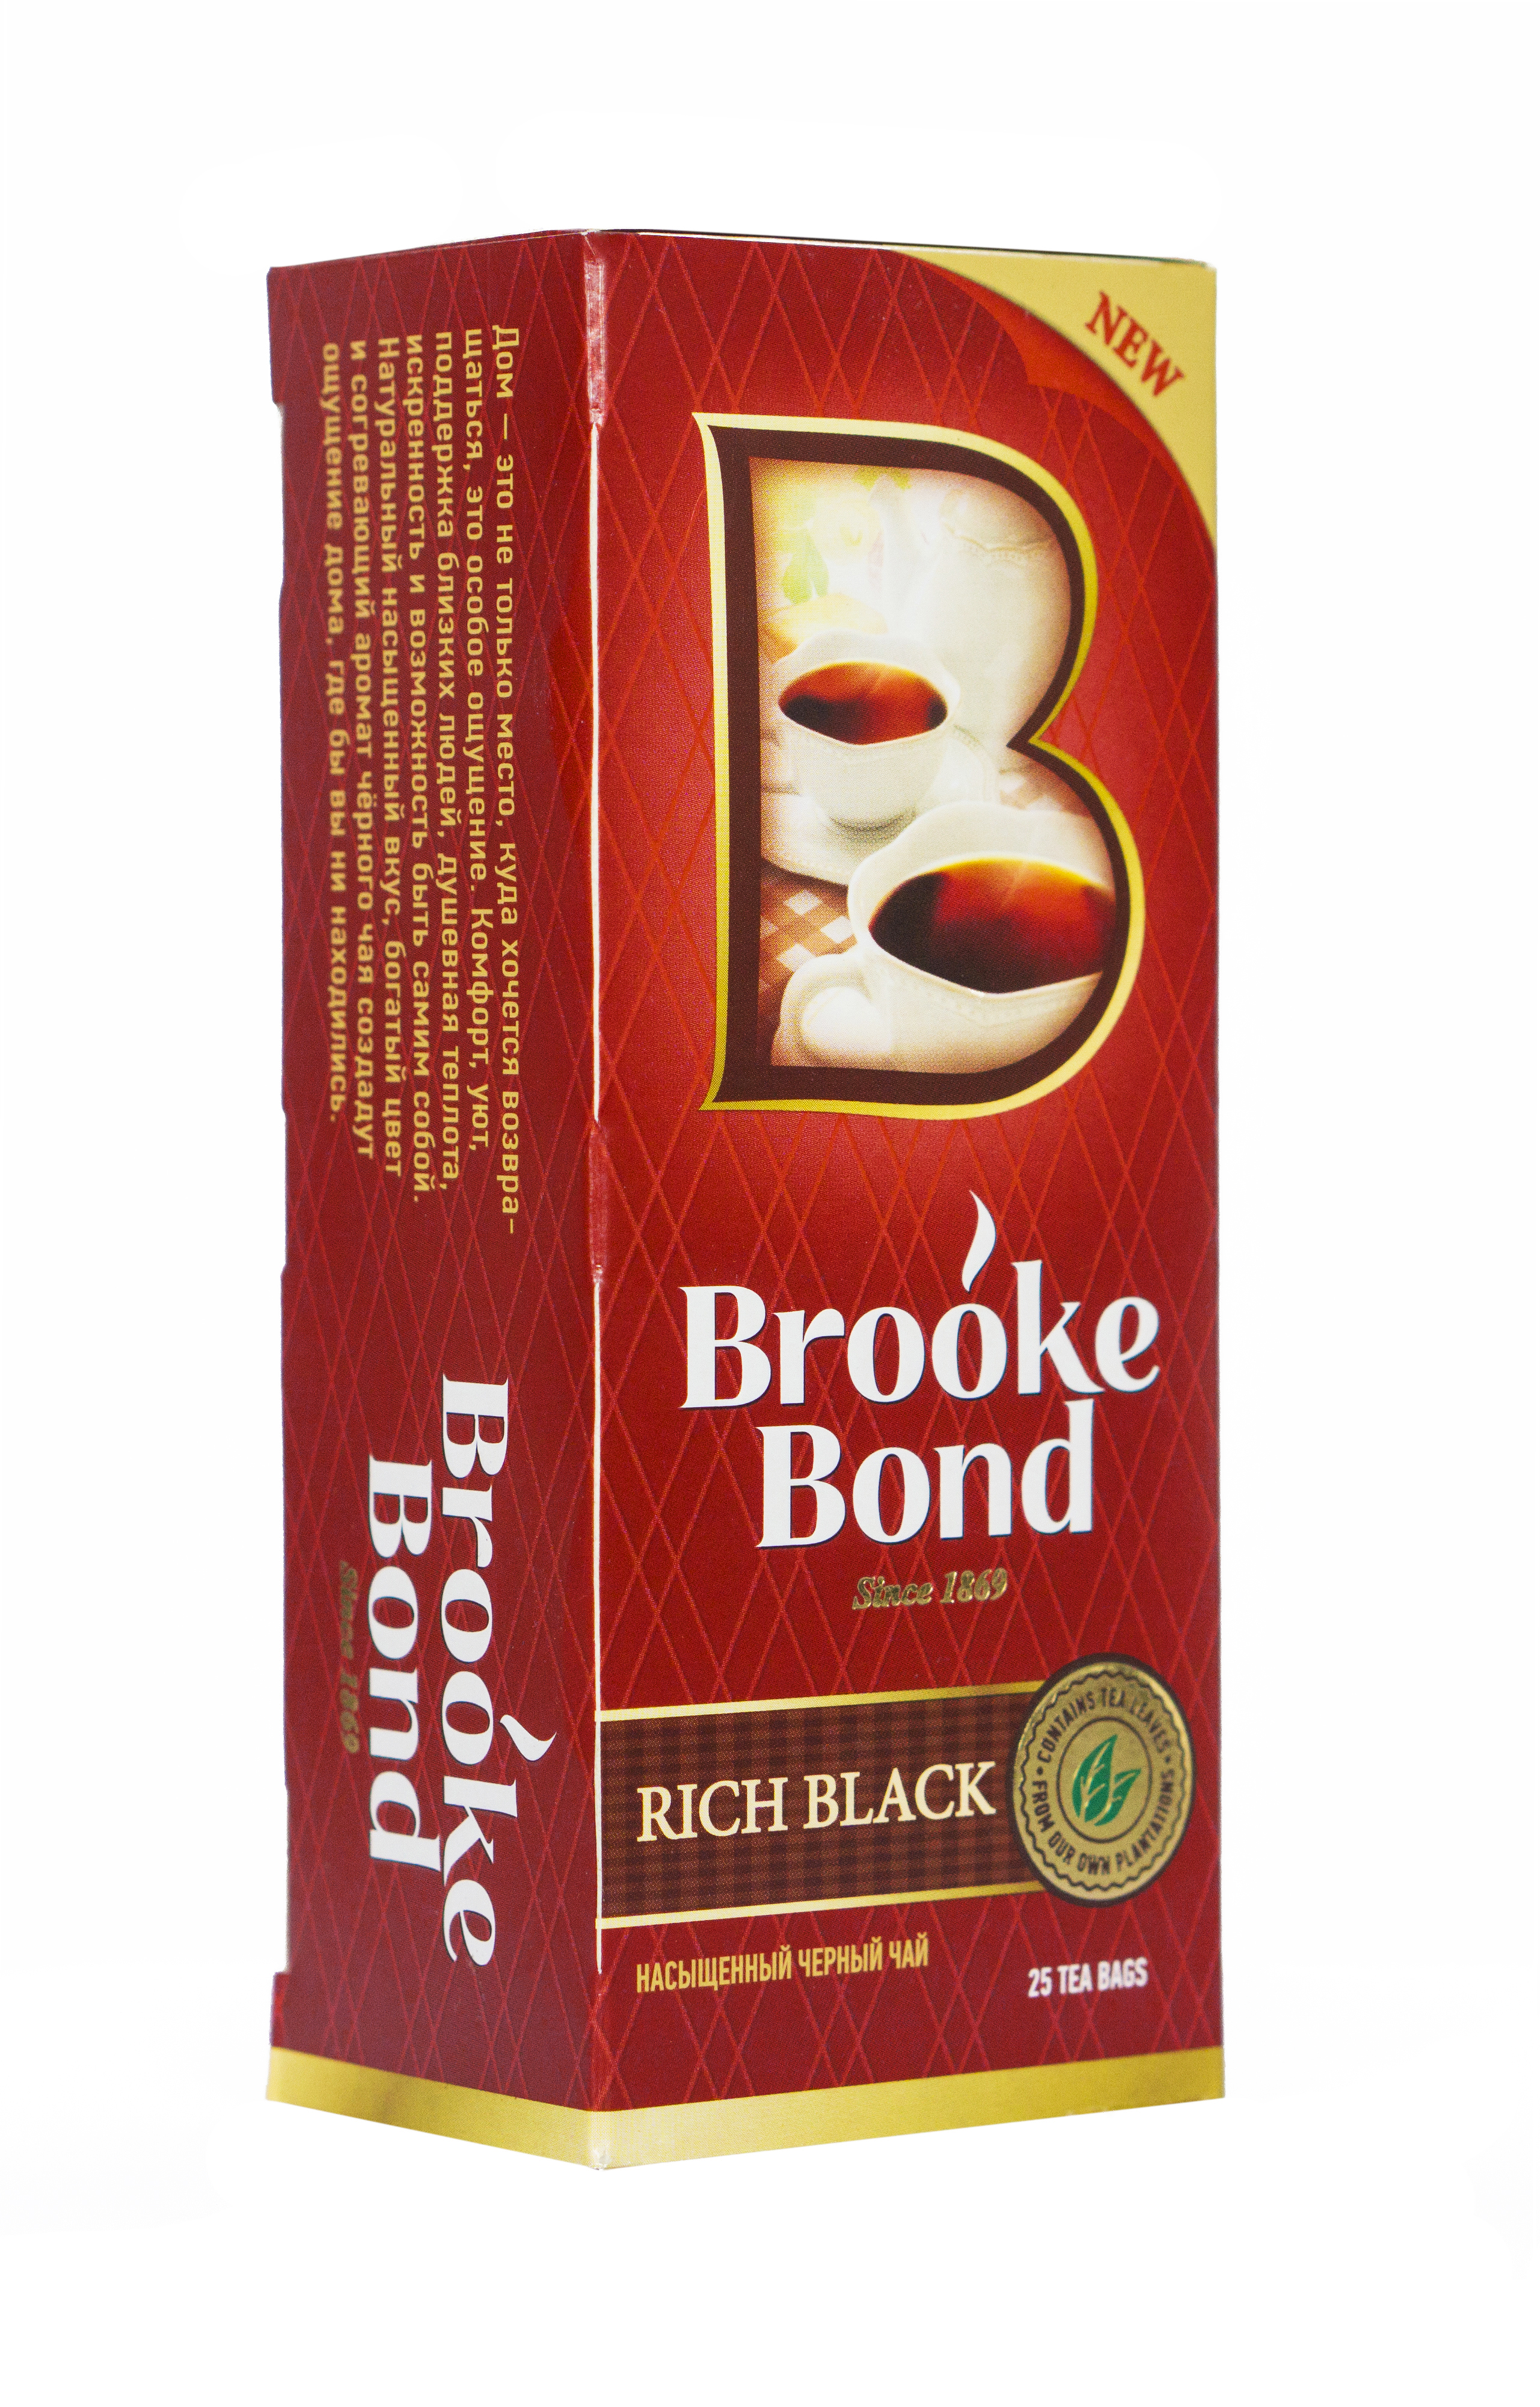 Brooke Bond Насыщенный черный чай в пакетиках, 25 шт0120710Brooke Bond в пакетиках позволяет насладиться превосходным вкусом крепкого черного чая. Секрет его вкуса — в уникальном купаже из высших сортов чая из Кении и Индонезии. Чай Brooke Bond обладает ярким, приятно терпким тонизирующим вкусом и насыщенным ароматом.